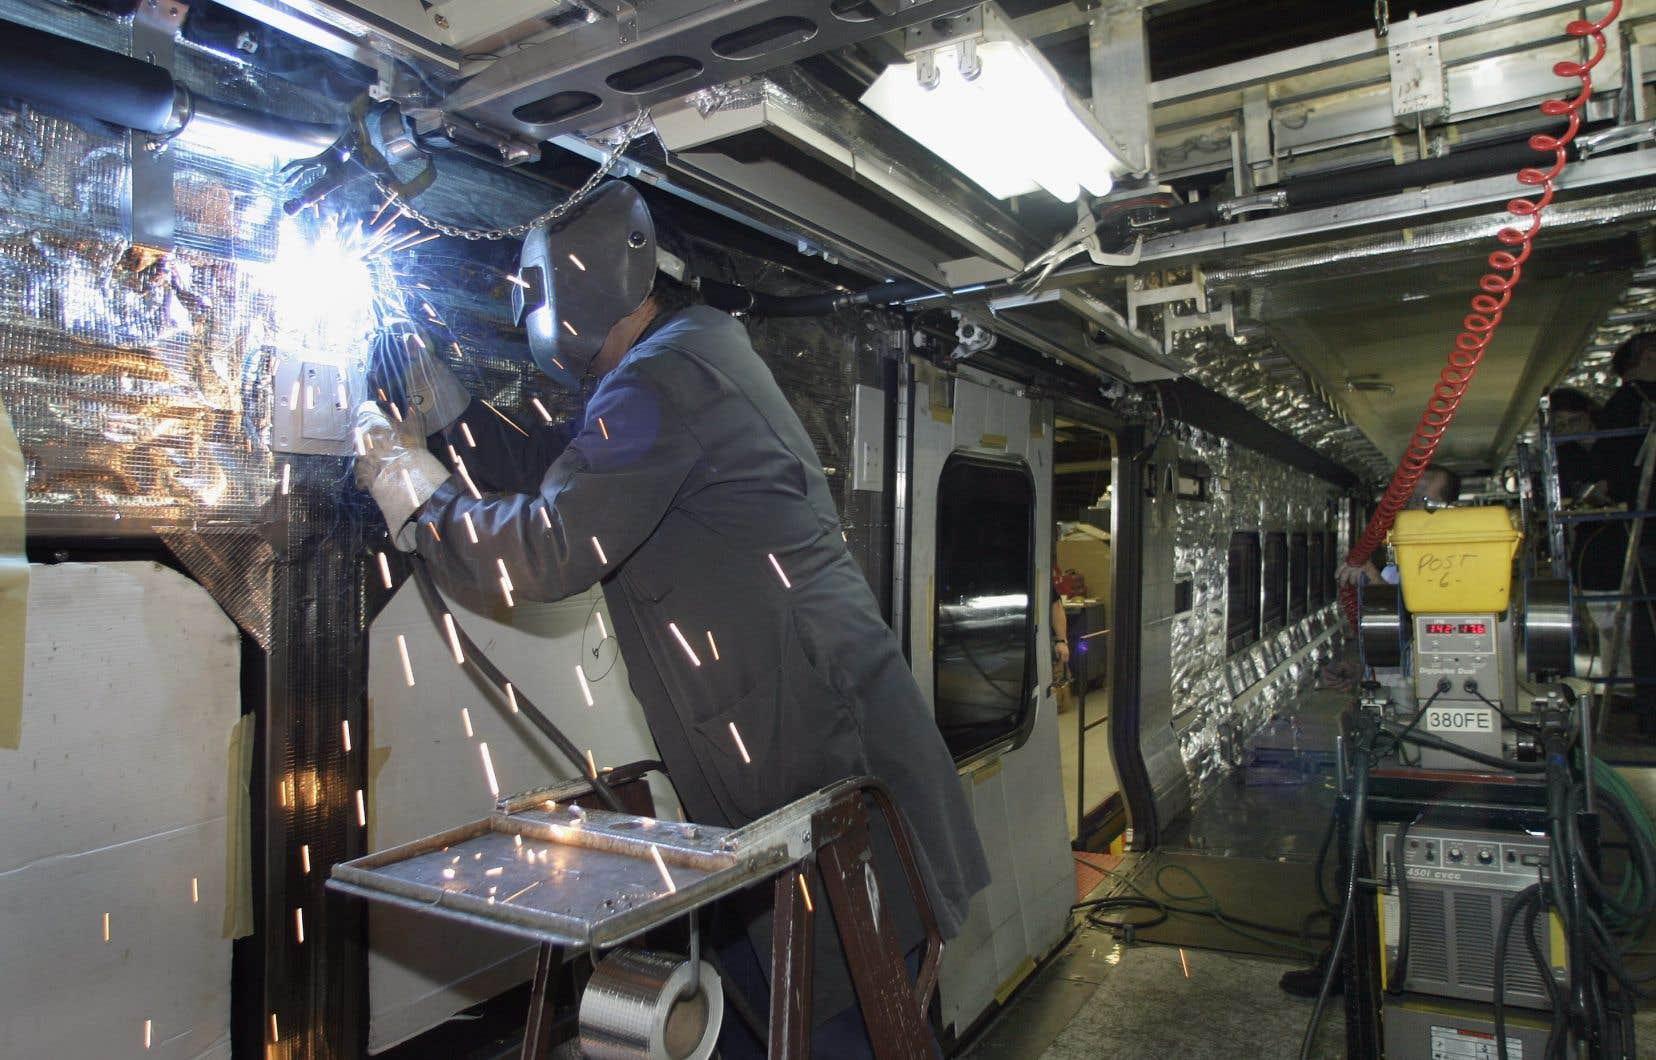 Des médias ont rapporté que le gouvernement fédéral allait accorder un contrat d'un milliard de dollars pour des trains de VIA Rail à une usine du concurrent allemand Siemens en Californie.